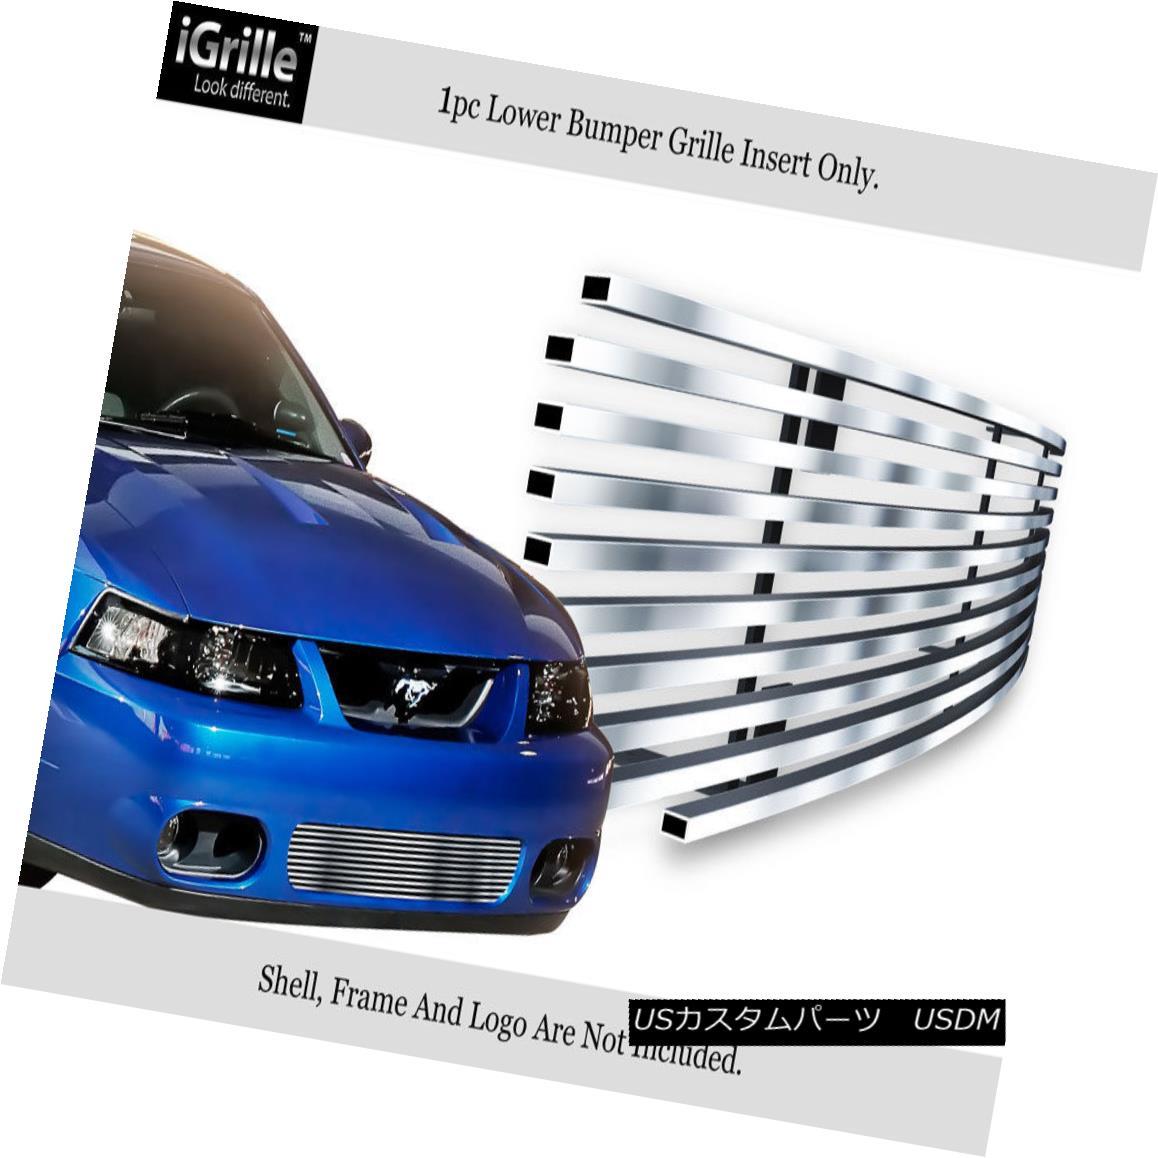 グリル For 2003-2004 Ford Mustang SVT Cobra Stainless Steel Bumper Billet Grille 2003-2004フォードマスタングSVTコブラステンレス鋼バンパービレットグリル